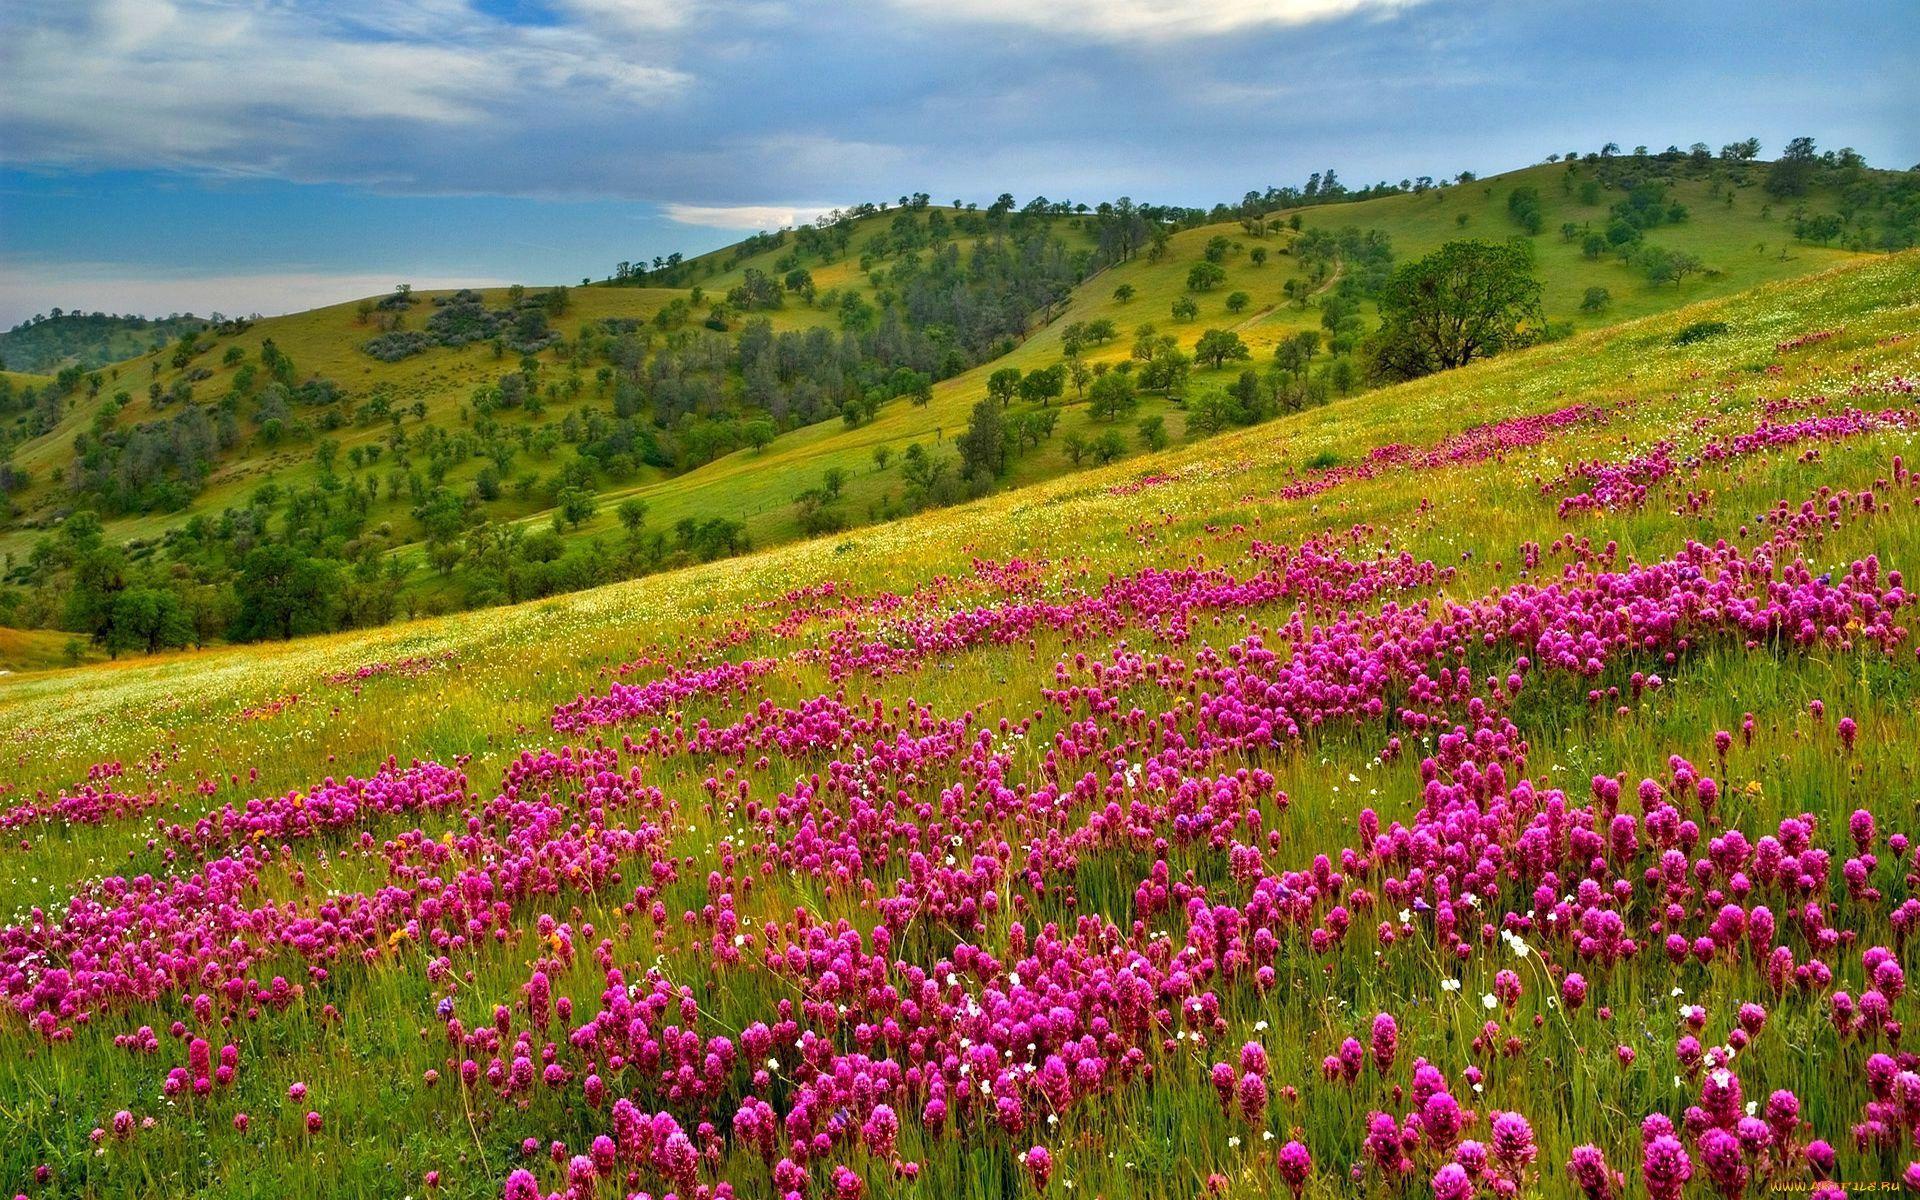 неприятно, фото цветущих полей и лугов одна